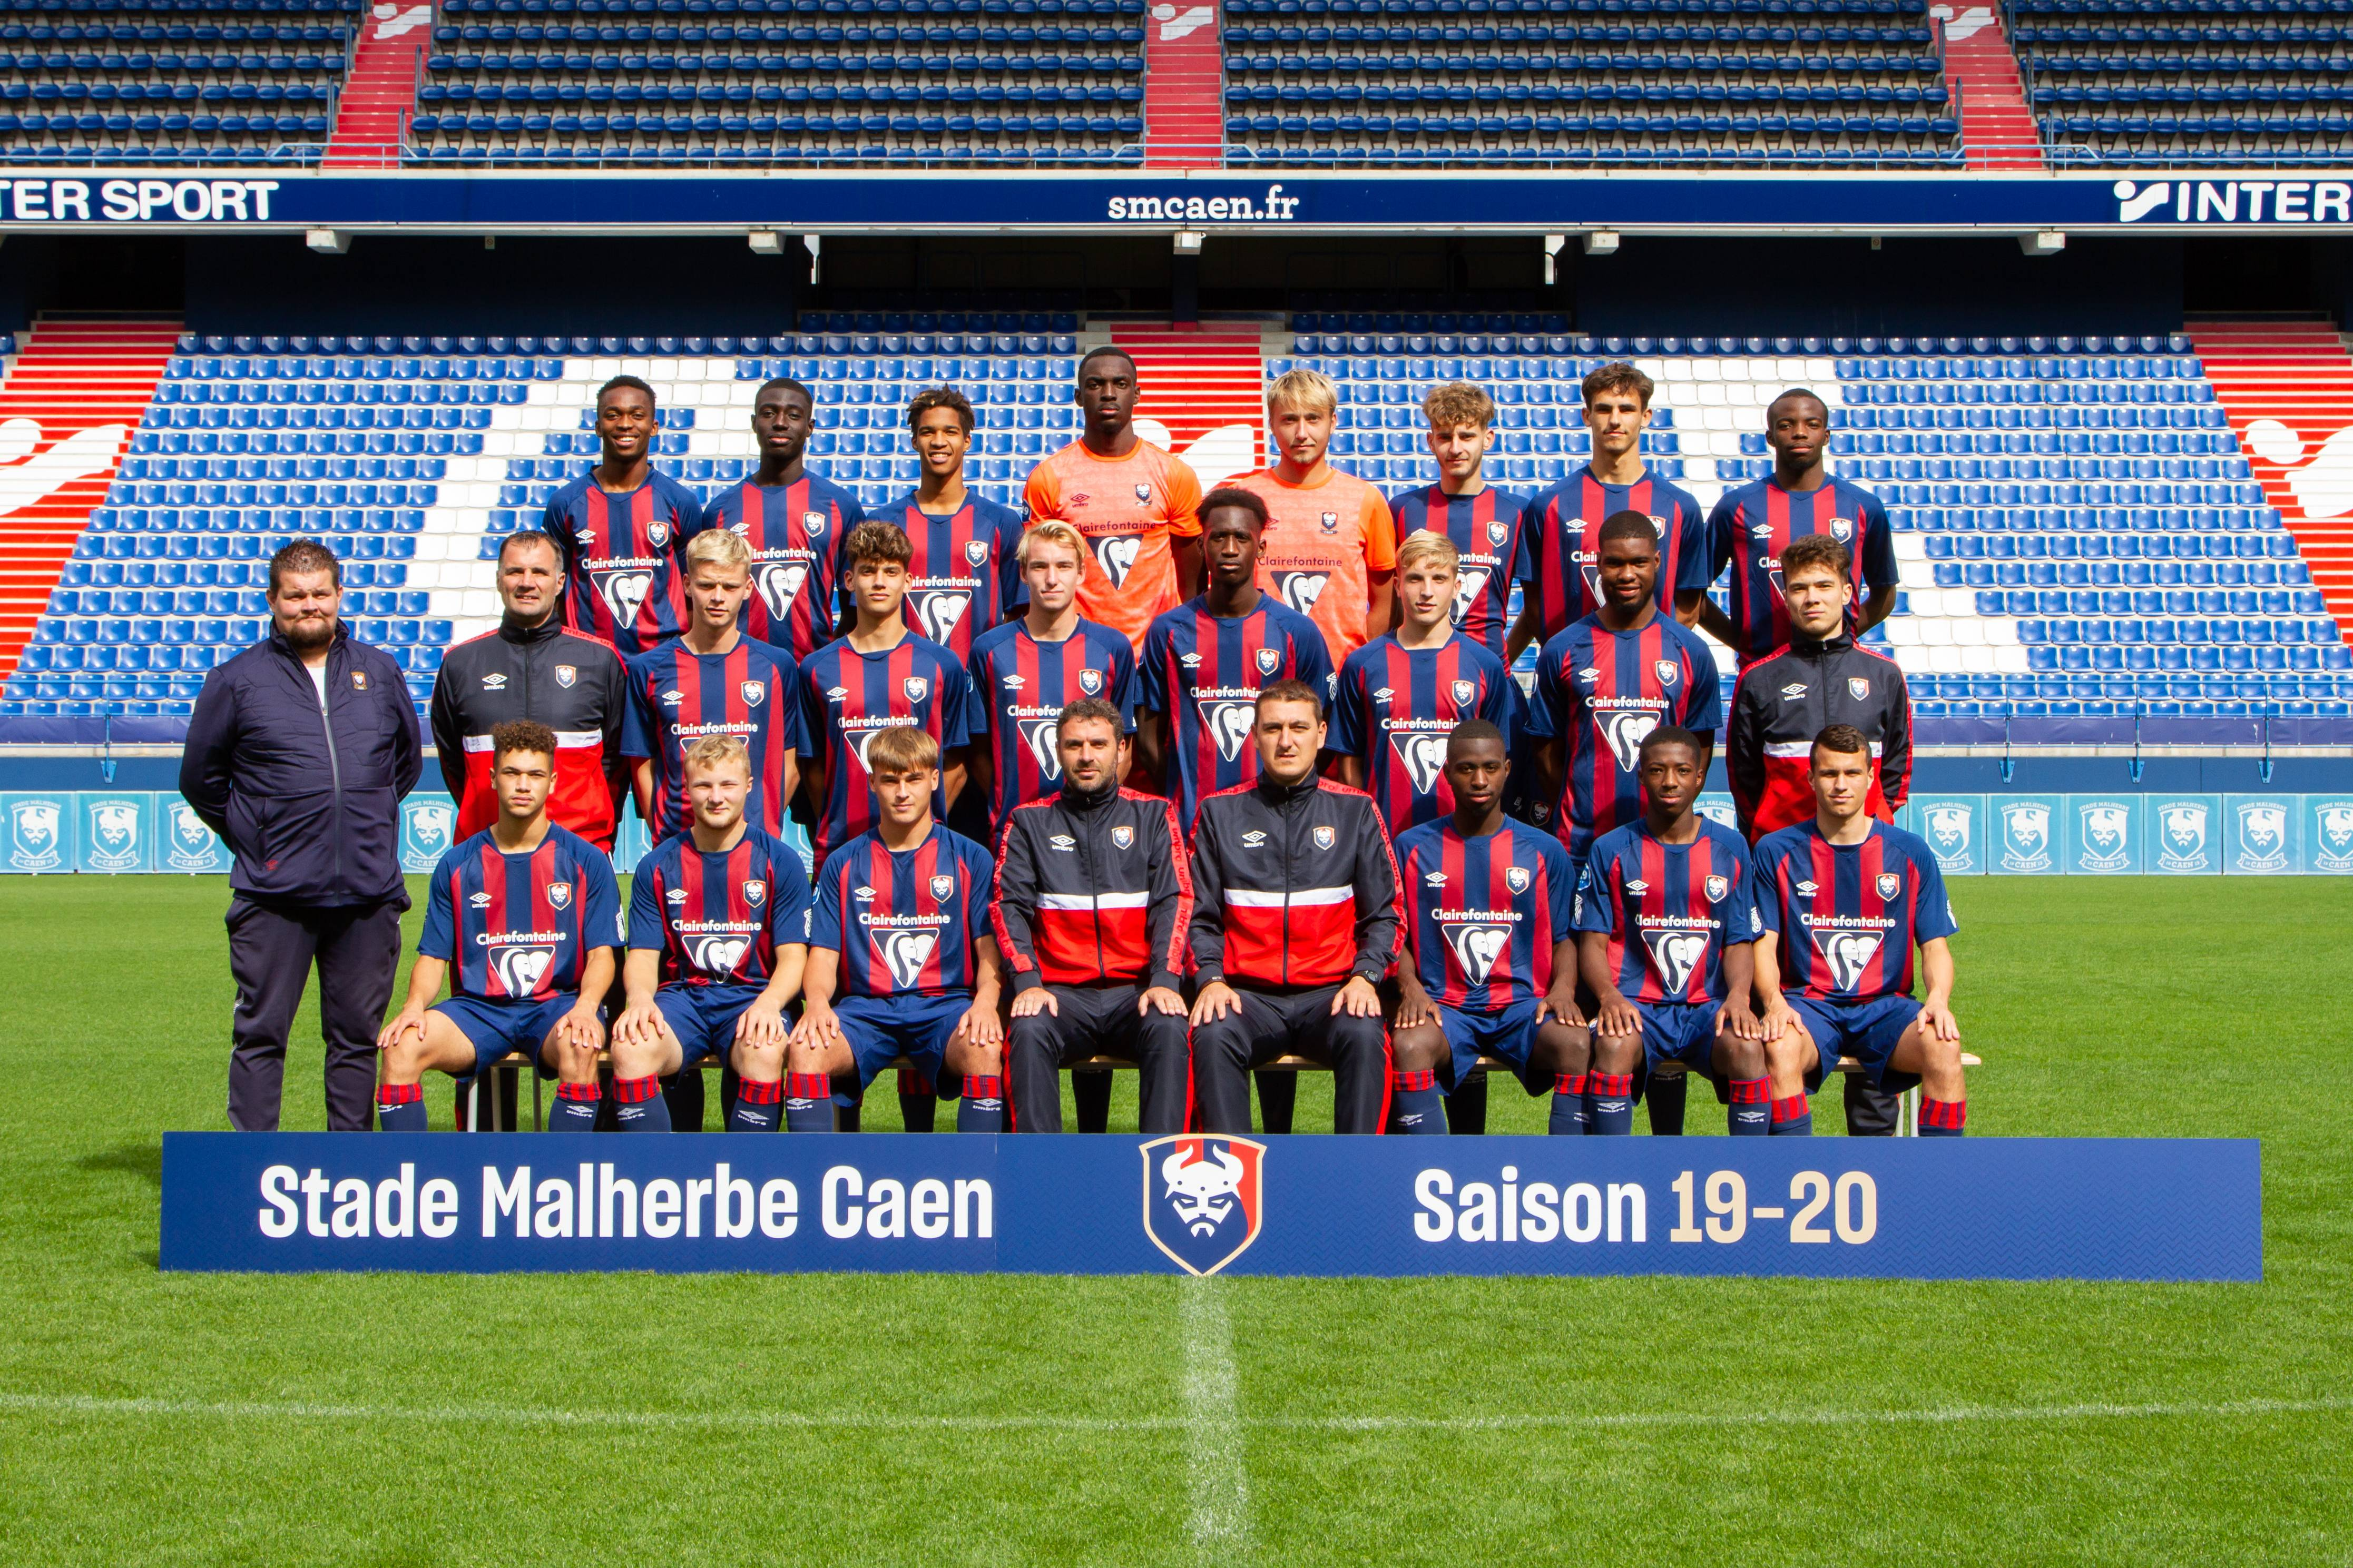 Stade Malherbe Caen Calvados Basse-Normandie - équipe U19 2019-2020